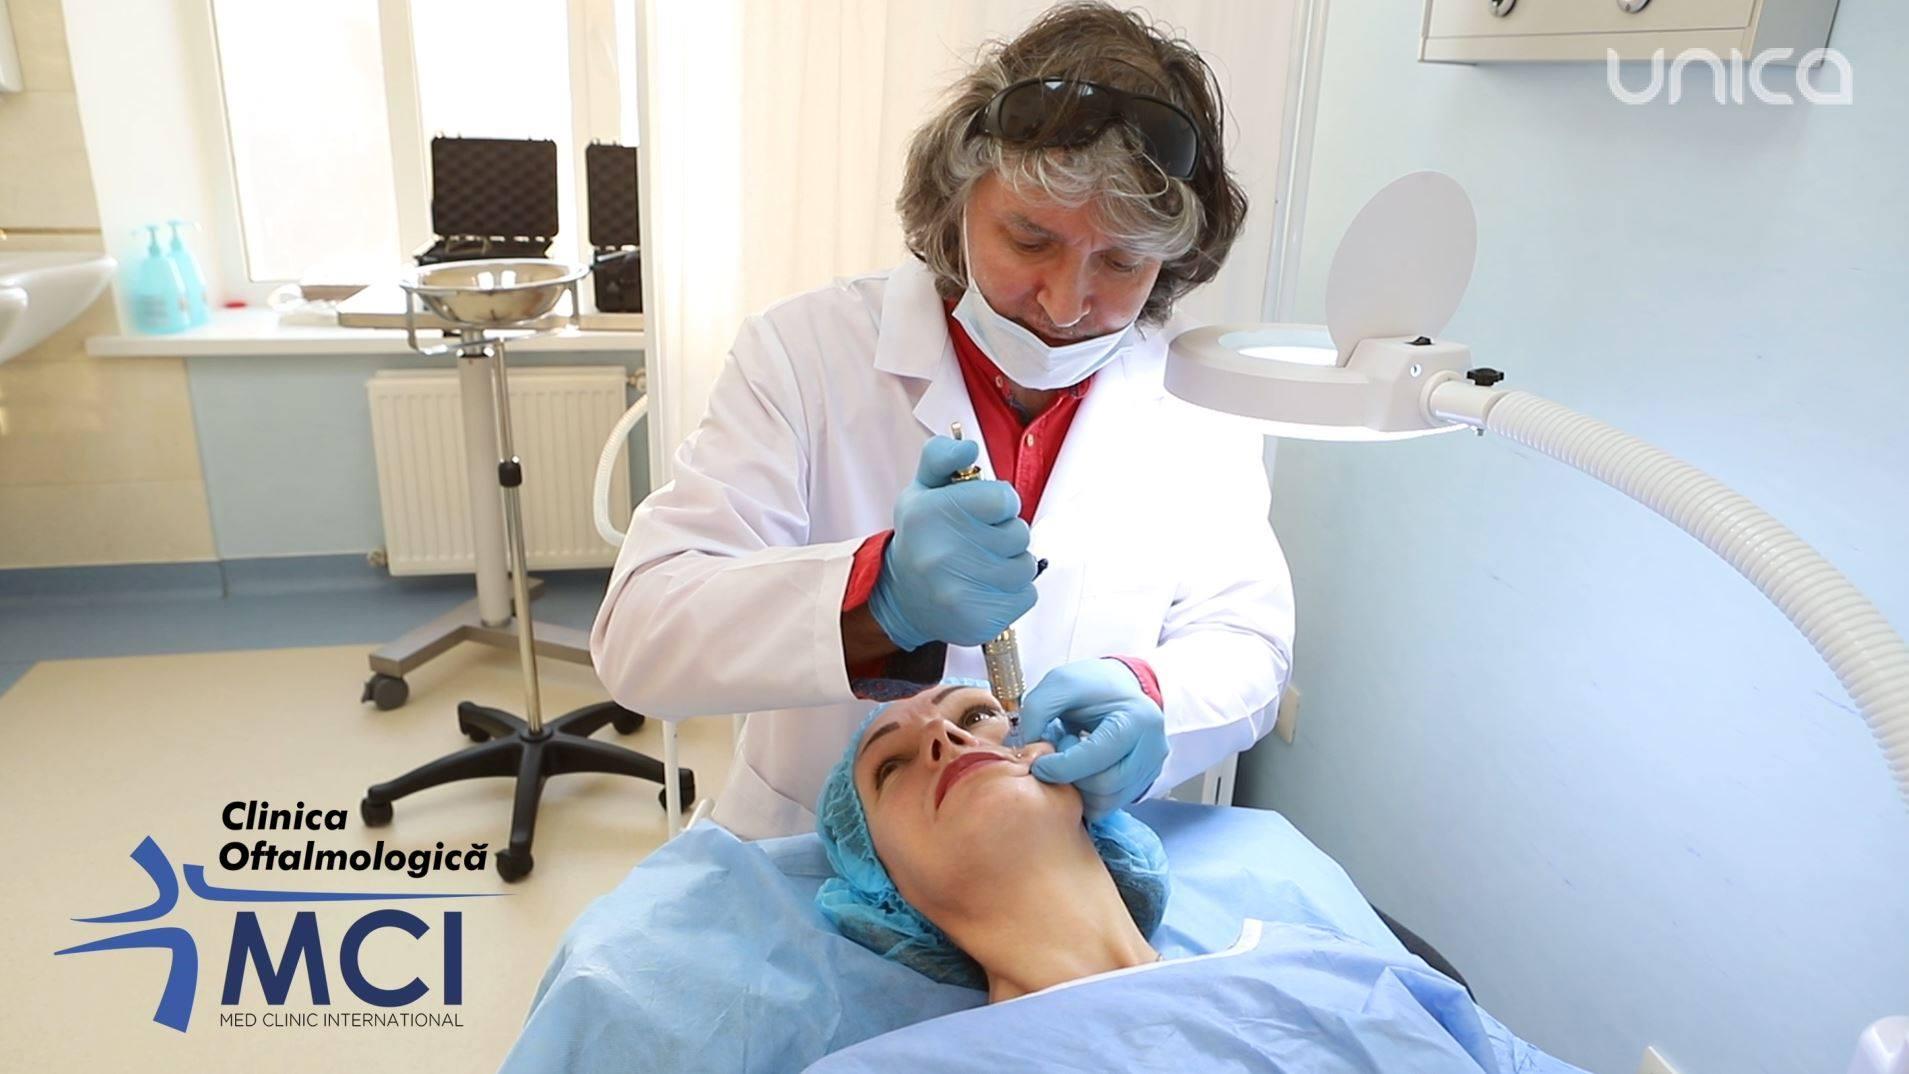 Foto: Contur și volum buzelor cu acid hialuronic: fără ac, fără anestezie, fără durere